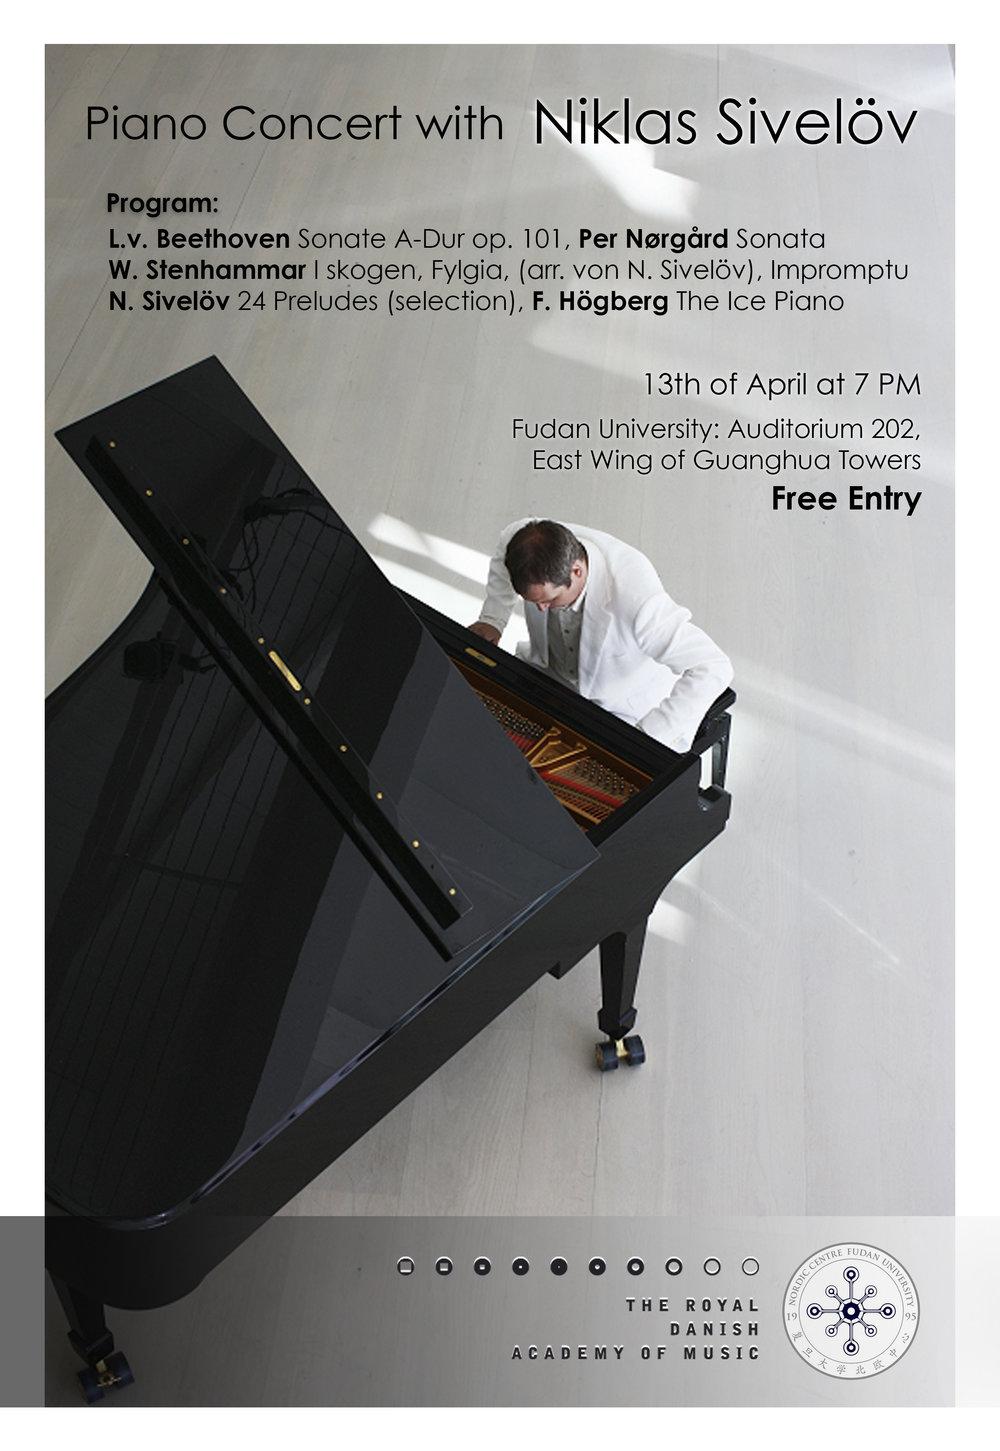 pianoconcert.jpg